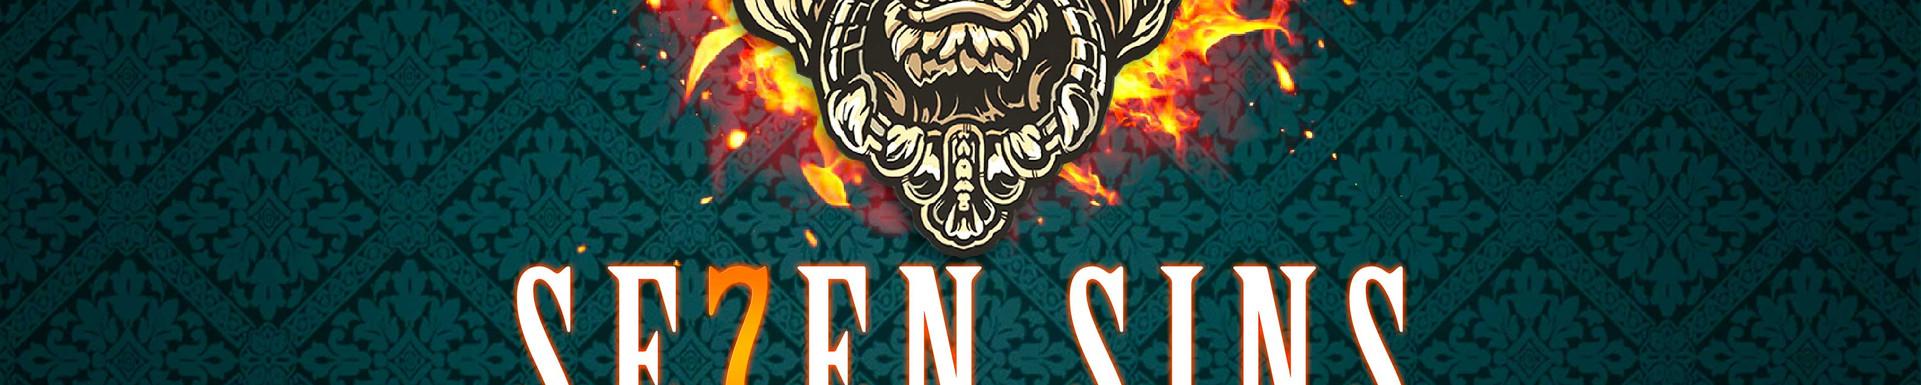 Embassy Seven Sins DEC 7